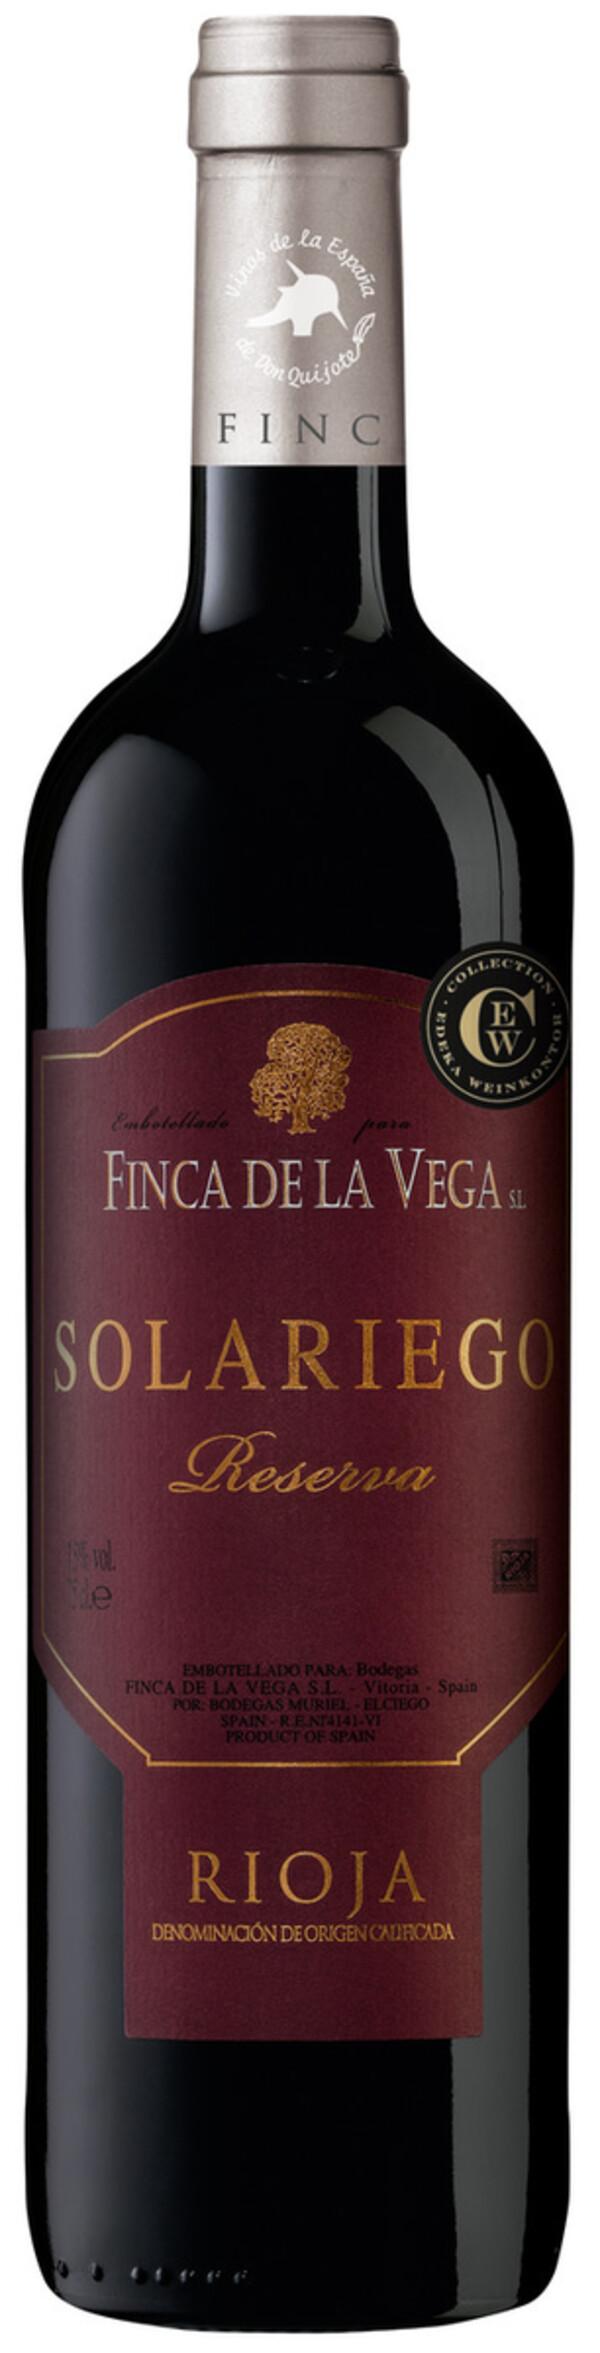 Finca de la Vega Rioja Reserva 2014 0,75 ltr